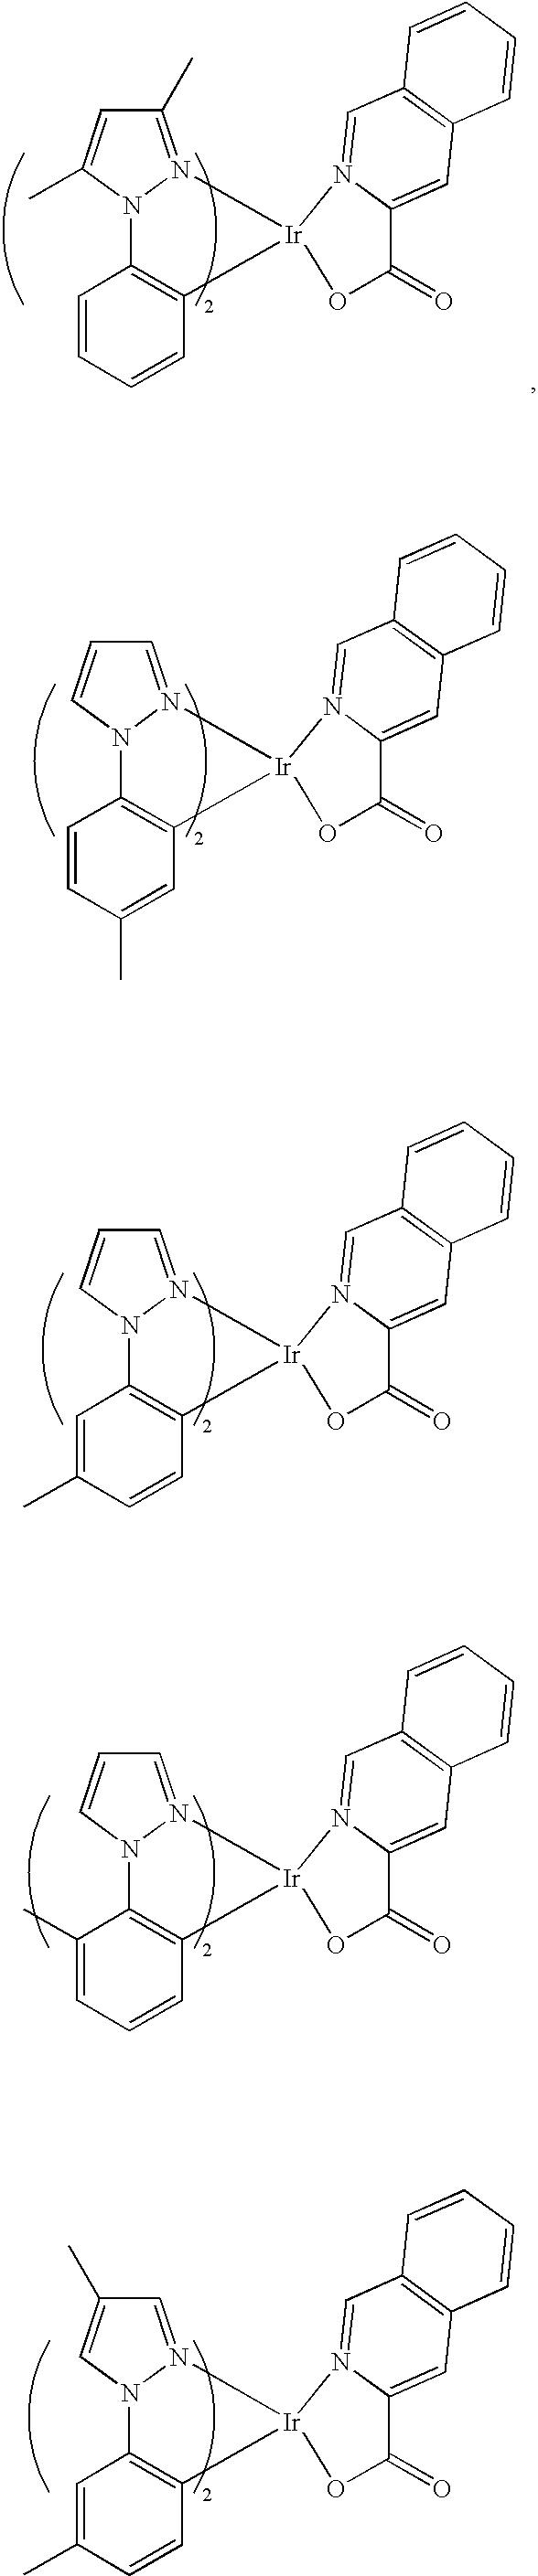 Figure US20050031903A1-20050210-C00074